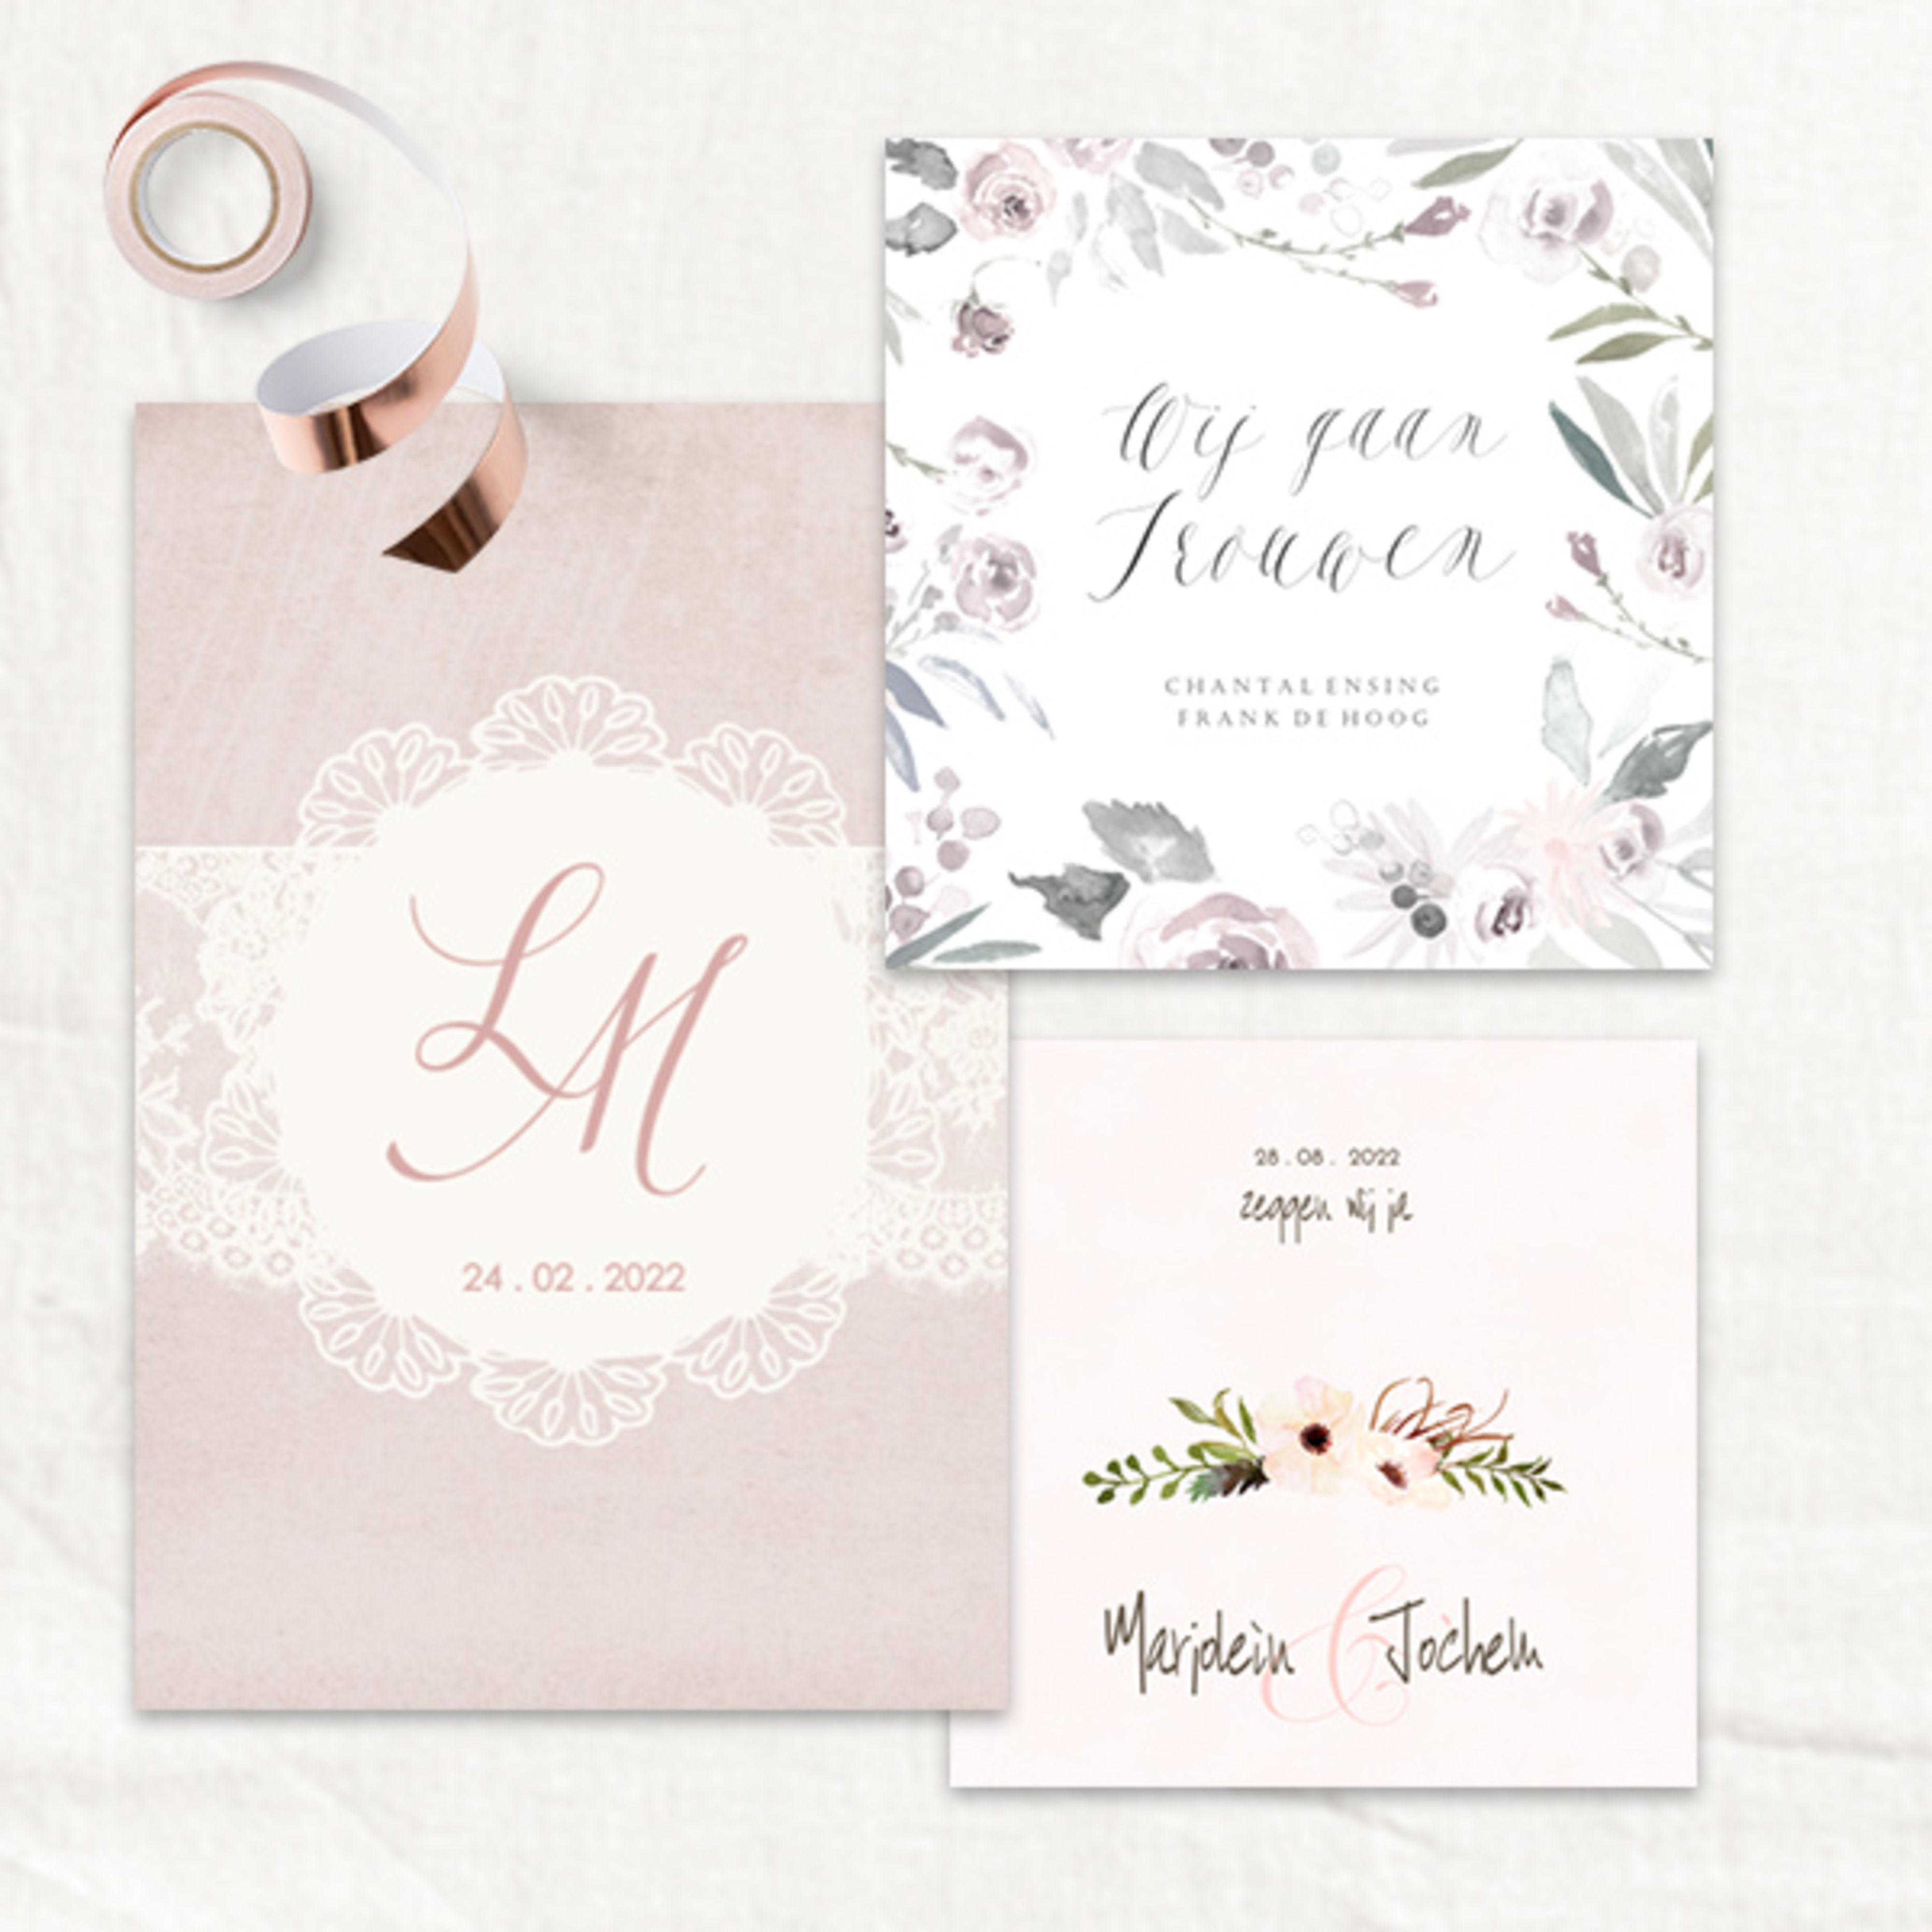 Stijlvolle trouwkaarten